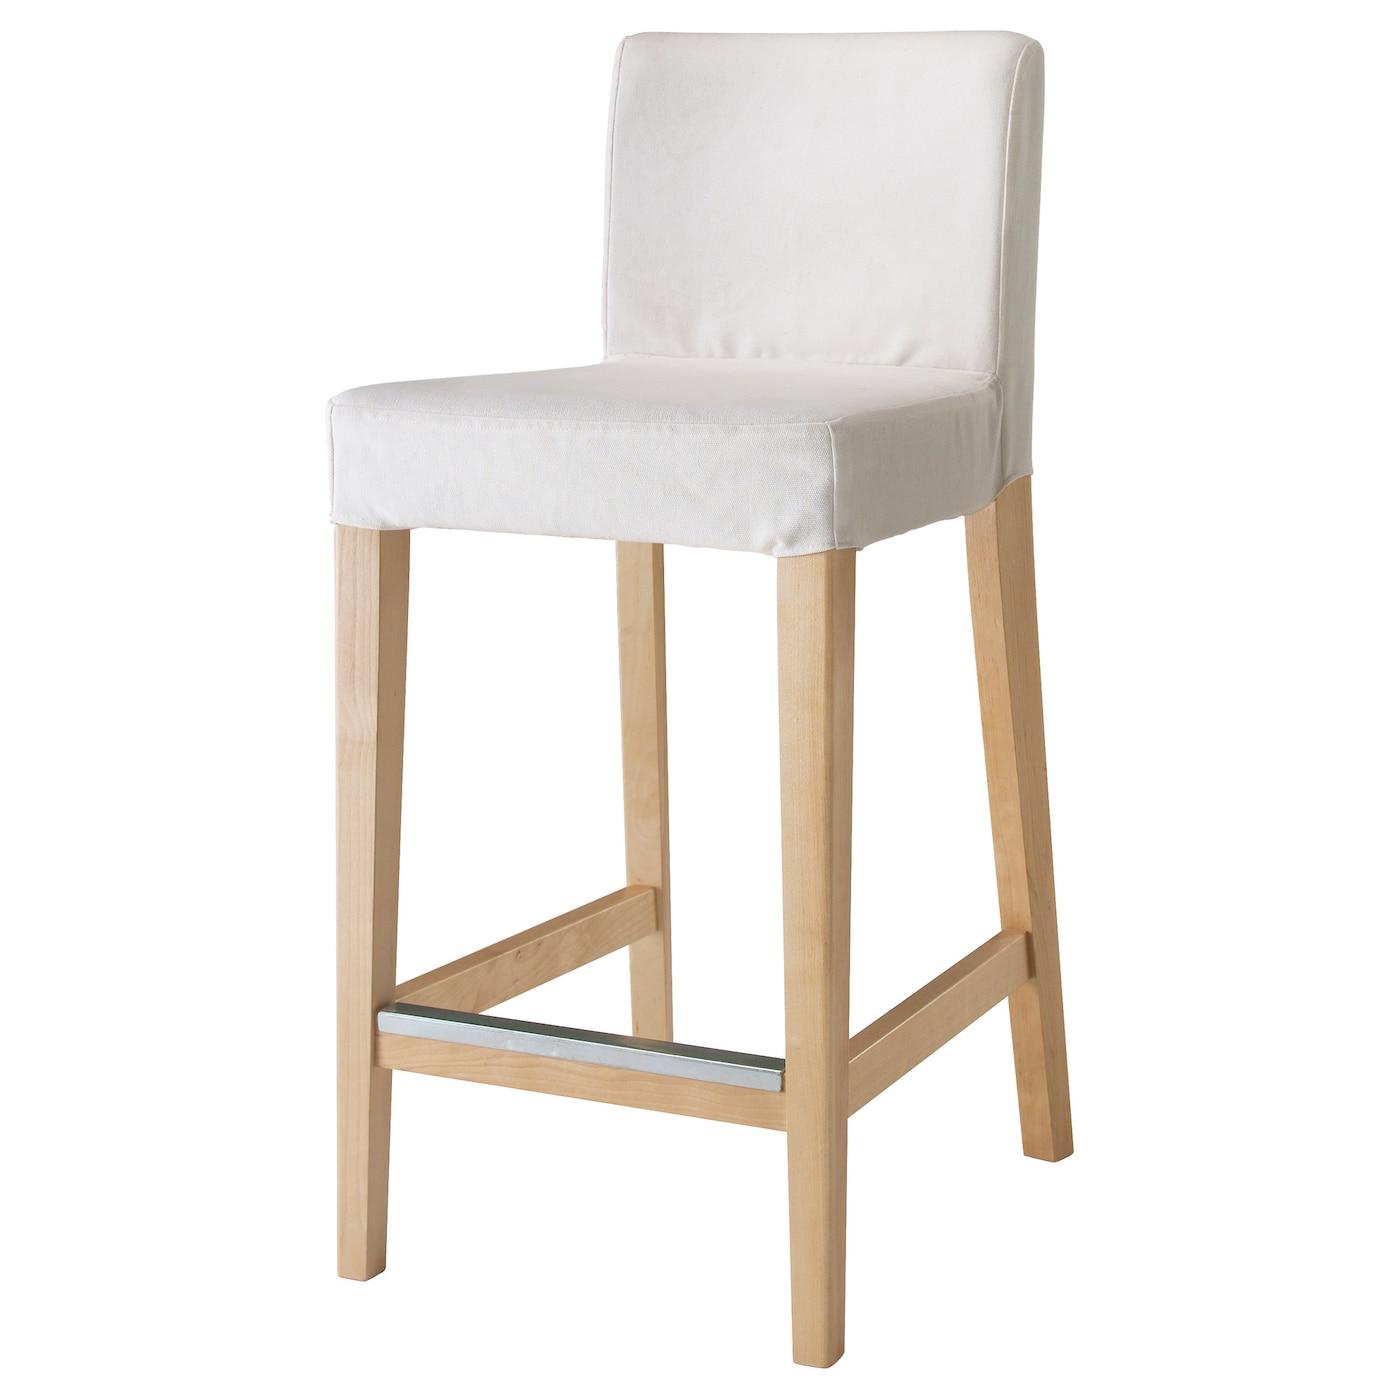 Ilot Central Cuisine Fabriquer ~ Chaise Haute Pour Ilot Central 70 Assise Lot